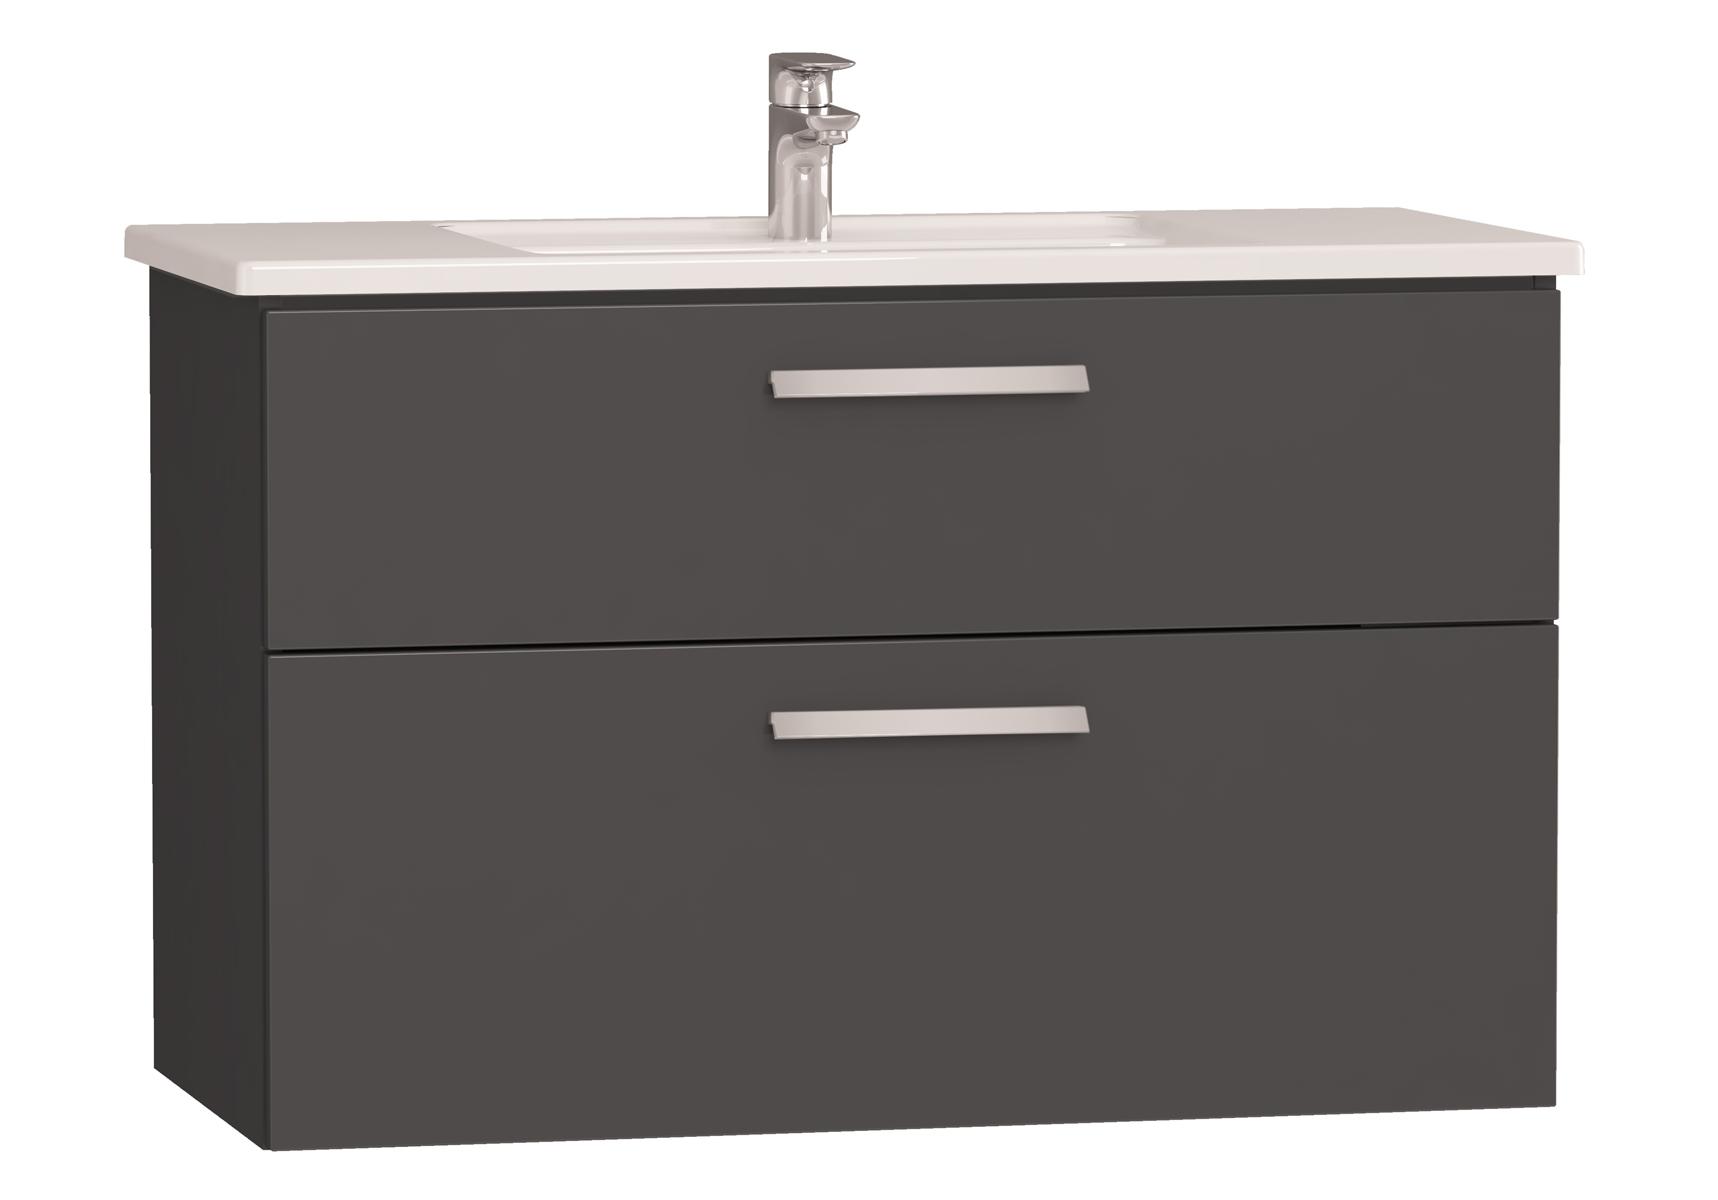 Integra meuble avec plan céramique avec deux tiroirs, 100 cm, anthraciteacite haute brillance